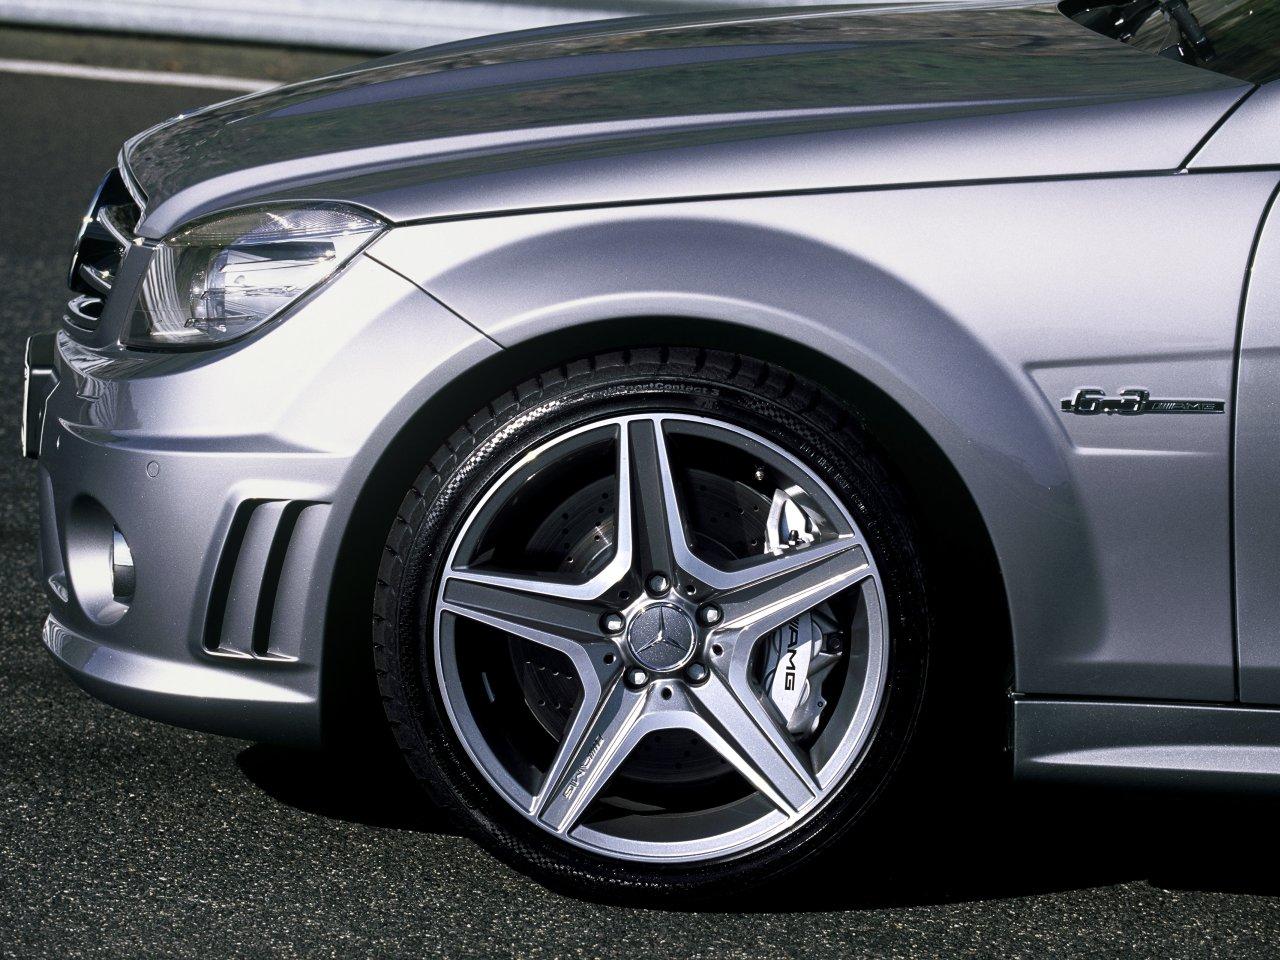 http://3.bp.blogspot.com/-jcrQVmCH2Xs/ThITsorcAqI/AAAAAAAACcM/Son81Sw_OEo/s1600/08_c63amg_wheel-3.jpg